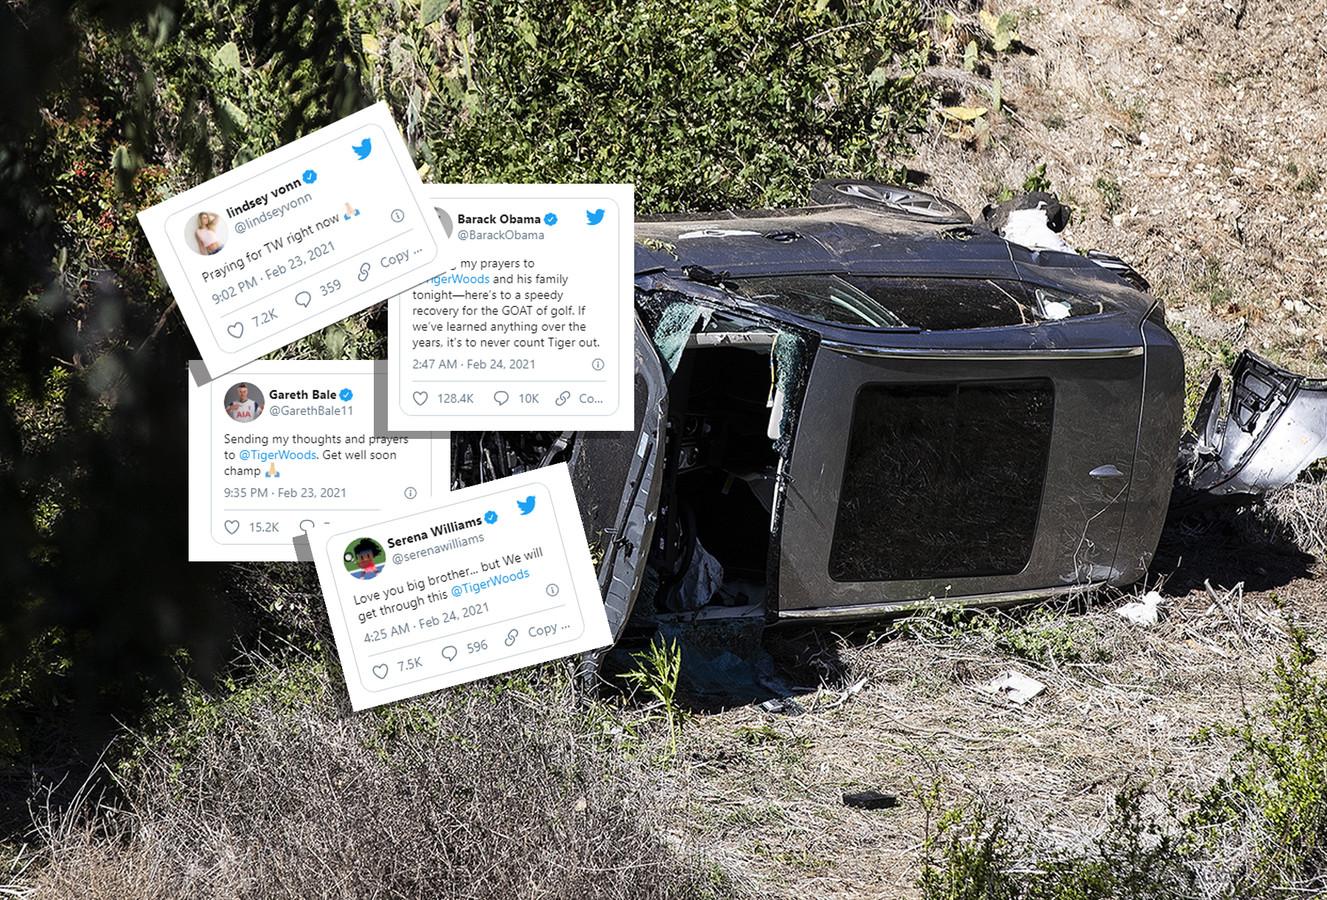 Het wrak van de auto van Tiger Woods. Inzetjes: tweets van bekenden die hem een hart onder de riem steken.